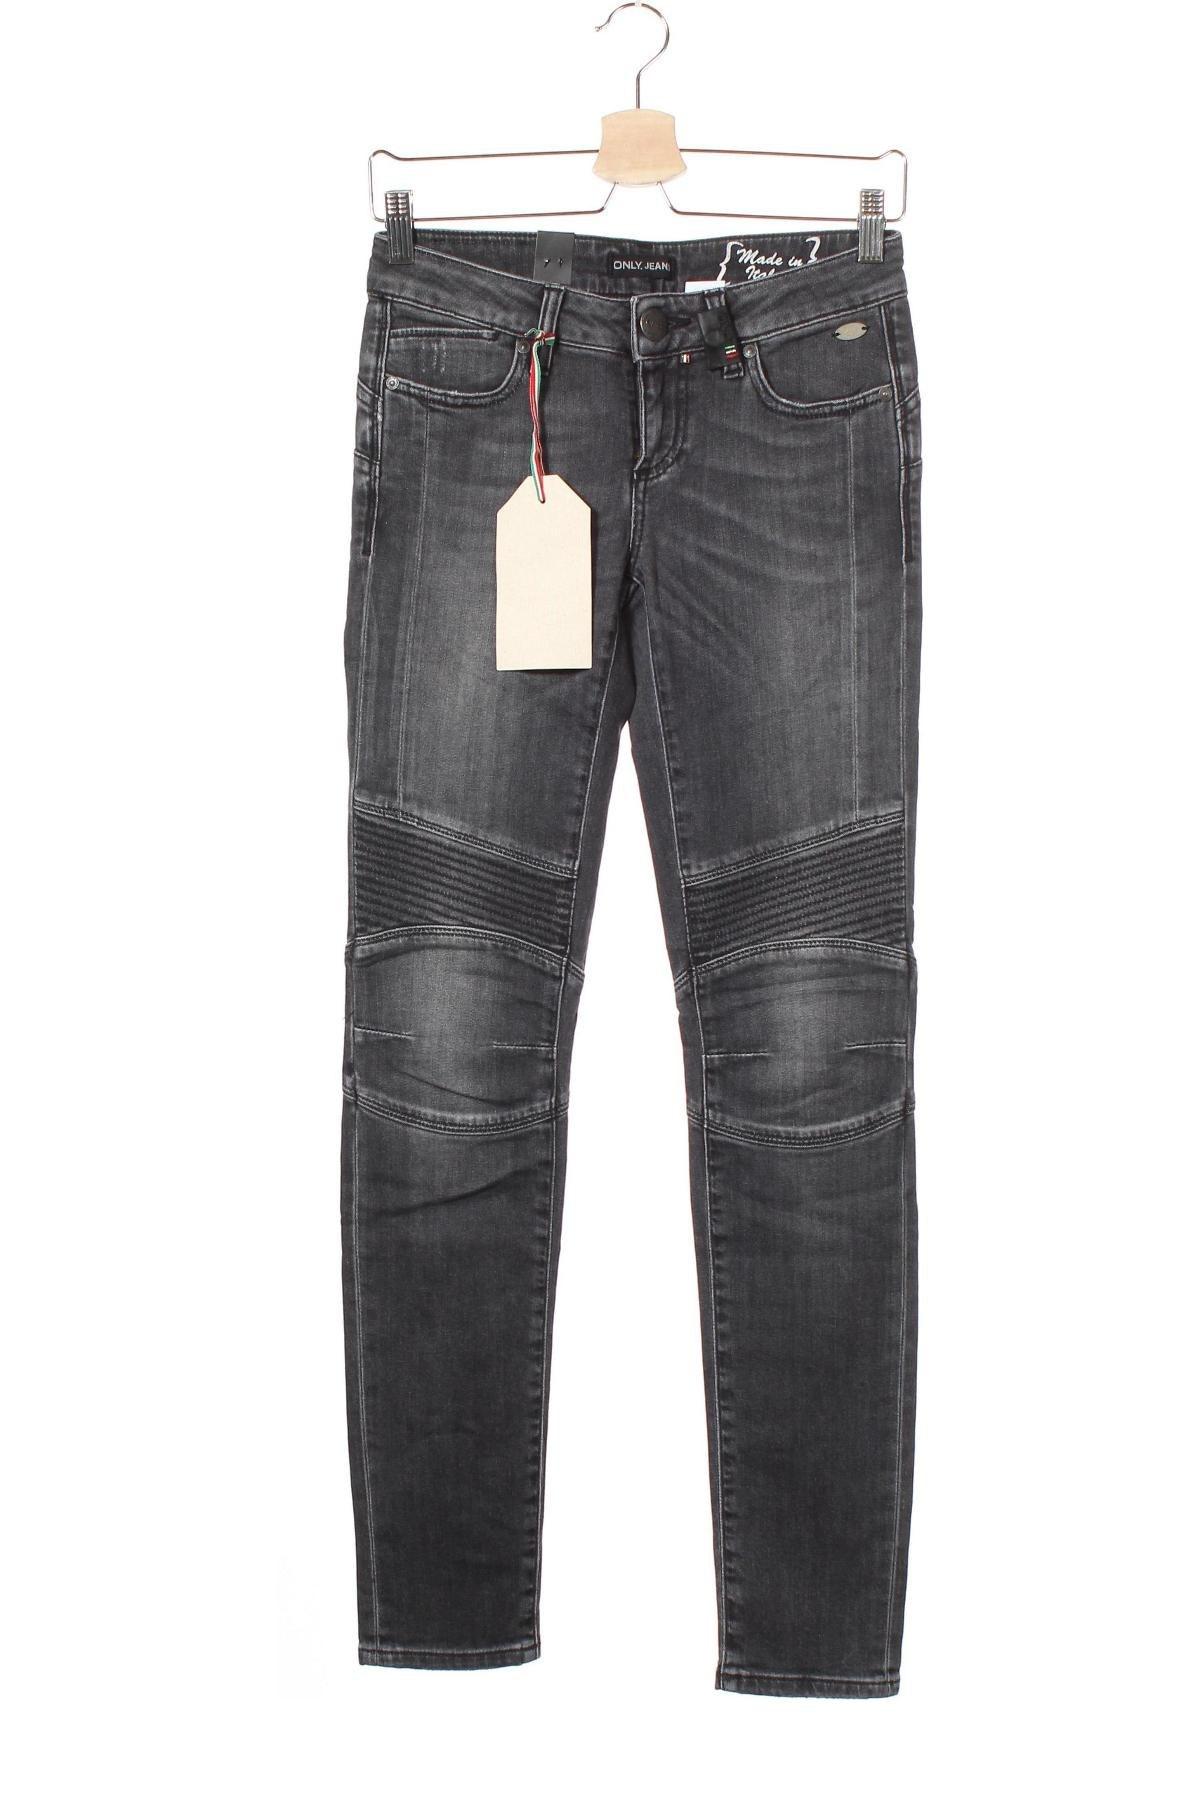 Дамски дънки Only Jeans, Размер S, Цвят Сив, Цена 15,21лв.